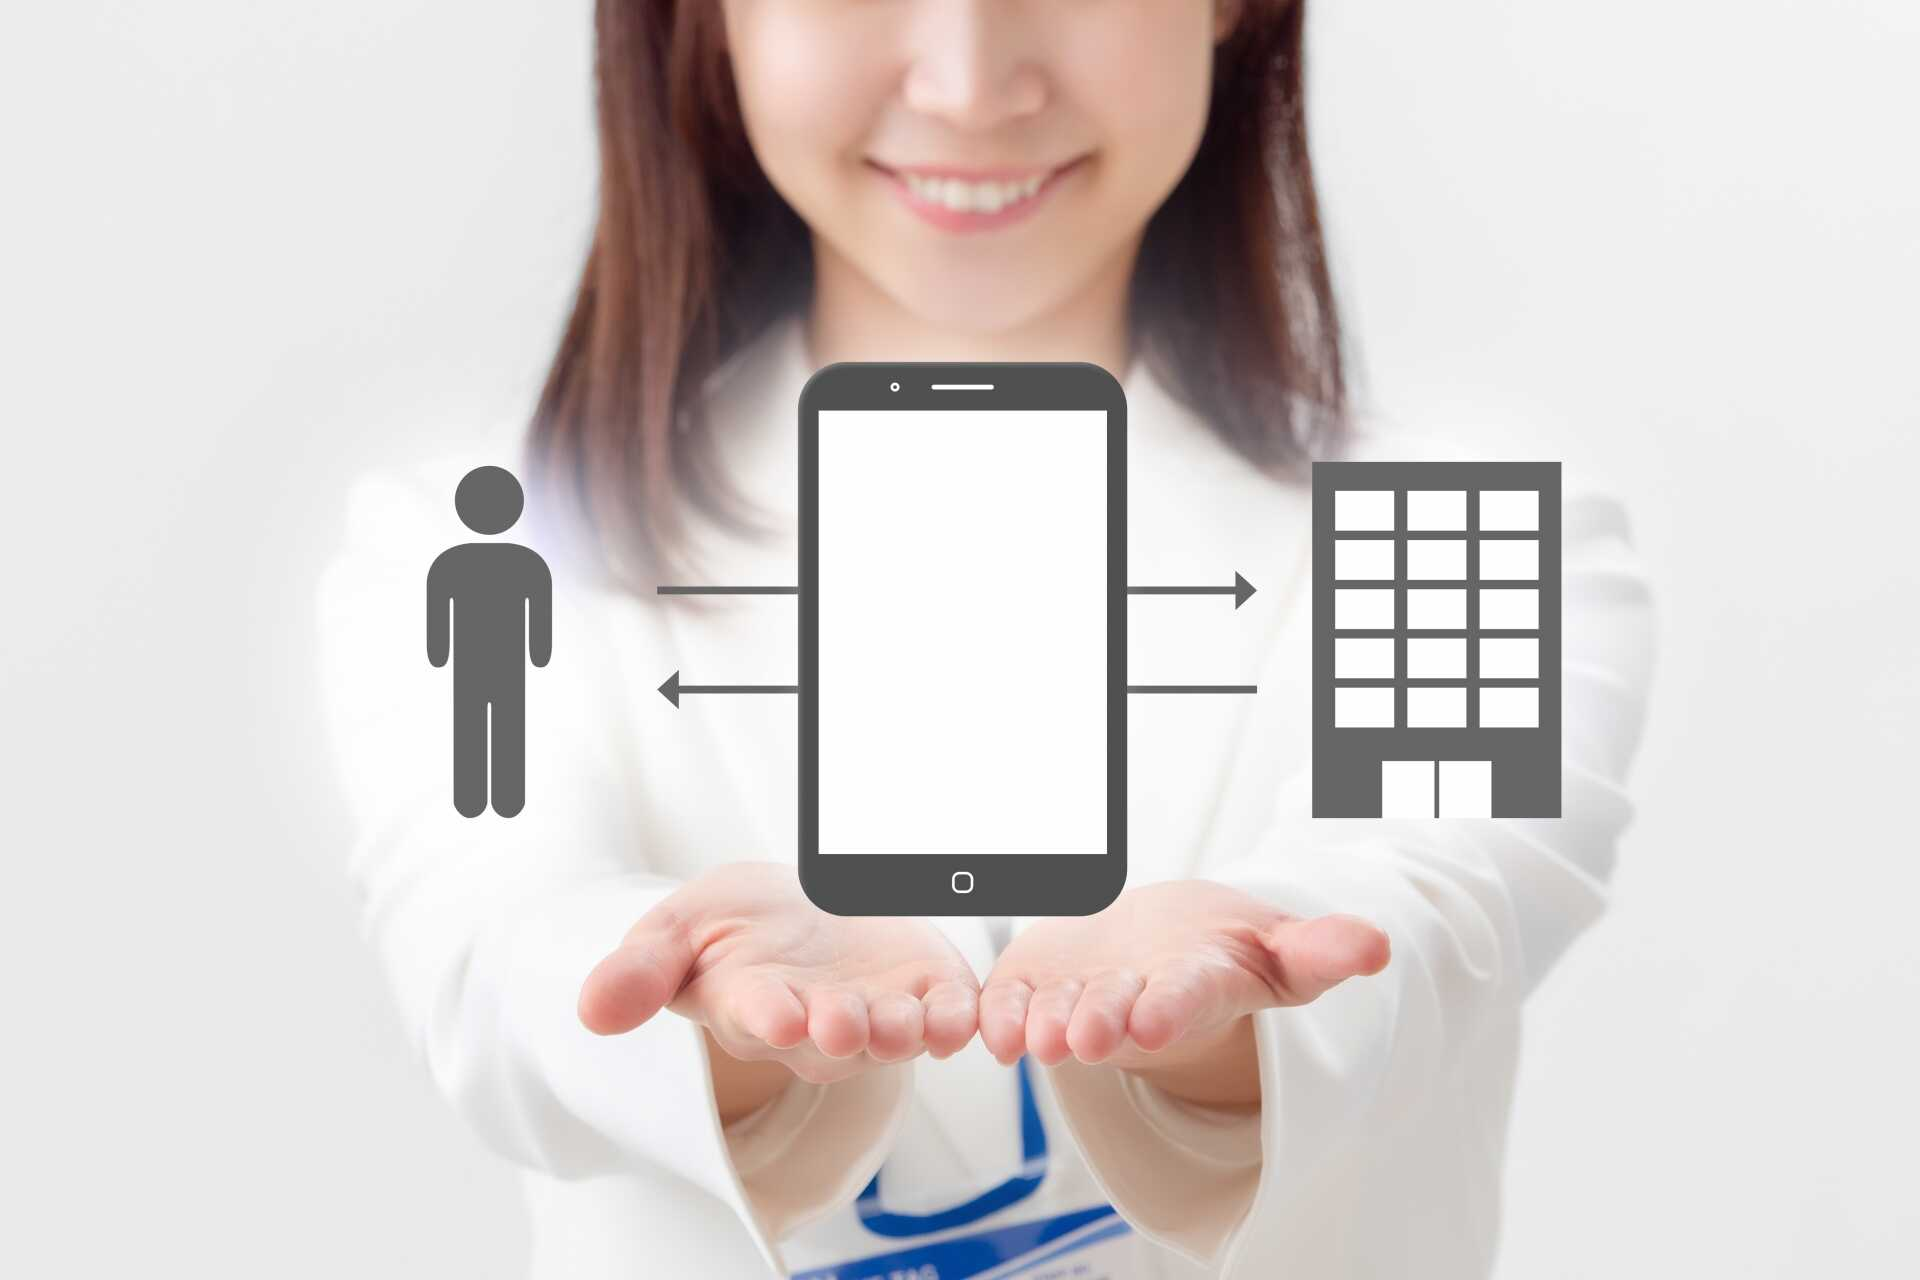 通信業界を研究して就活を成功させよう!事業や仕事を紹介